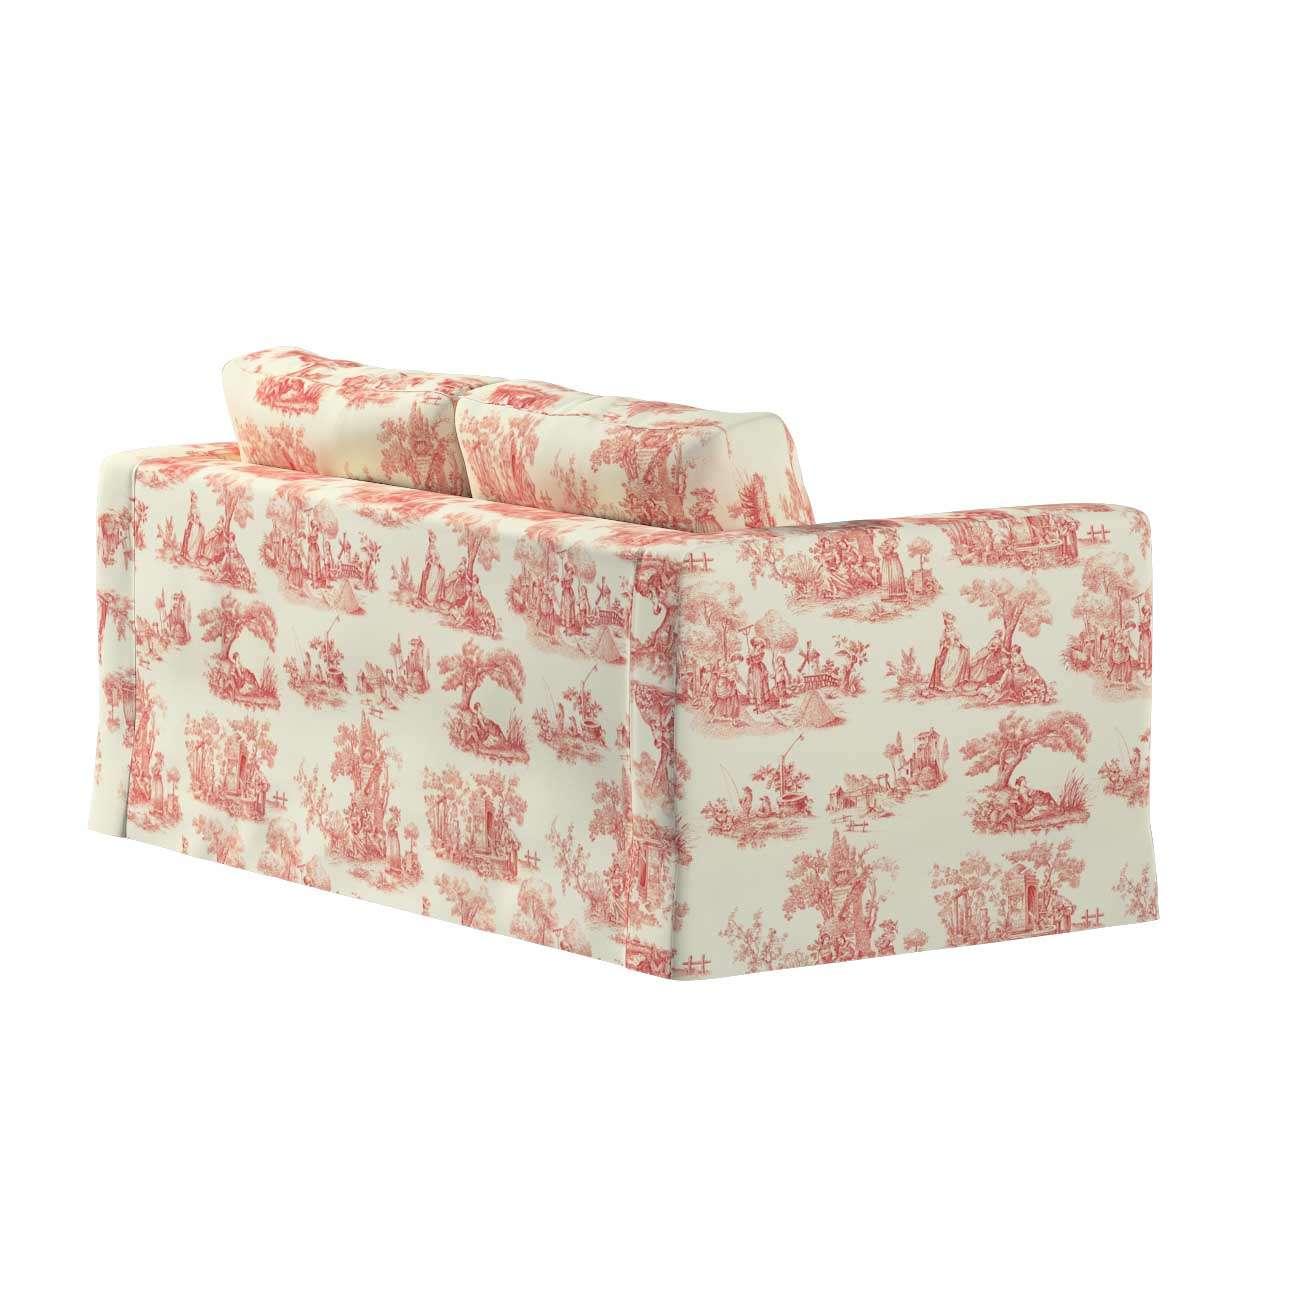 Karlstad 2-Sitzer Sofabezug nicht ausklappbar lang von der Kollektion Avinon, Stoff: 132-15